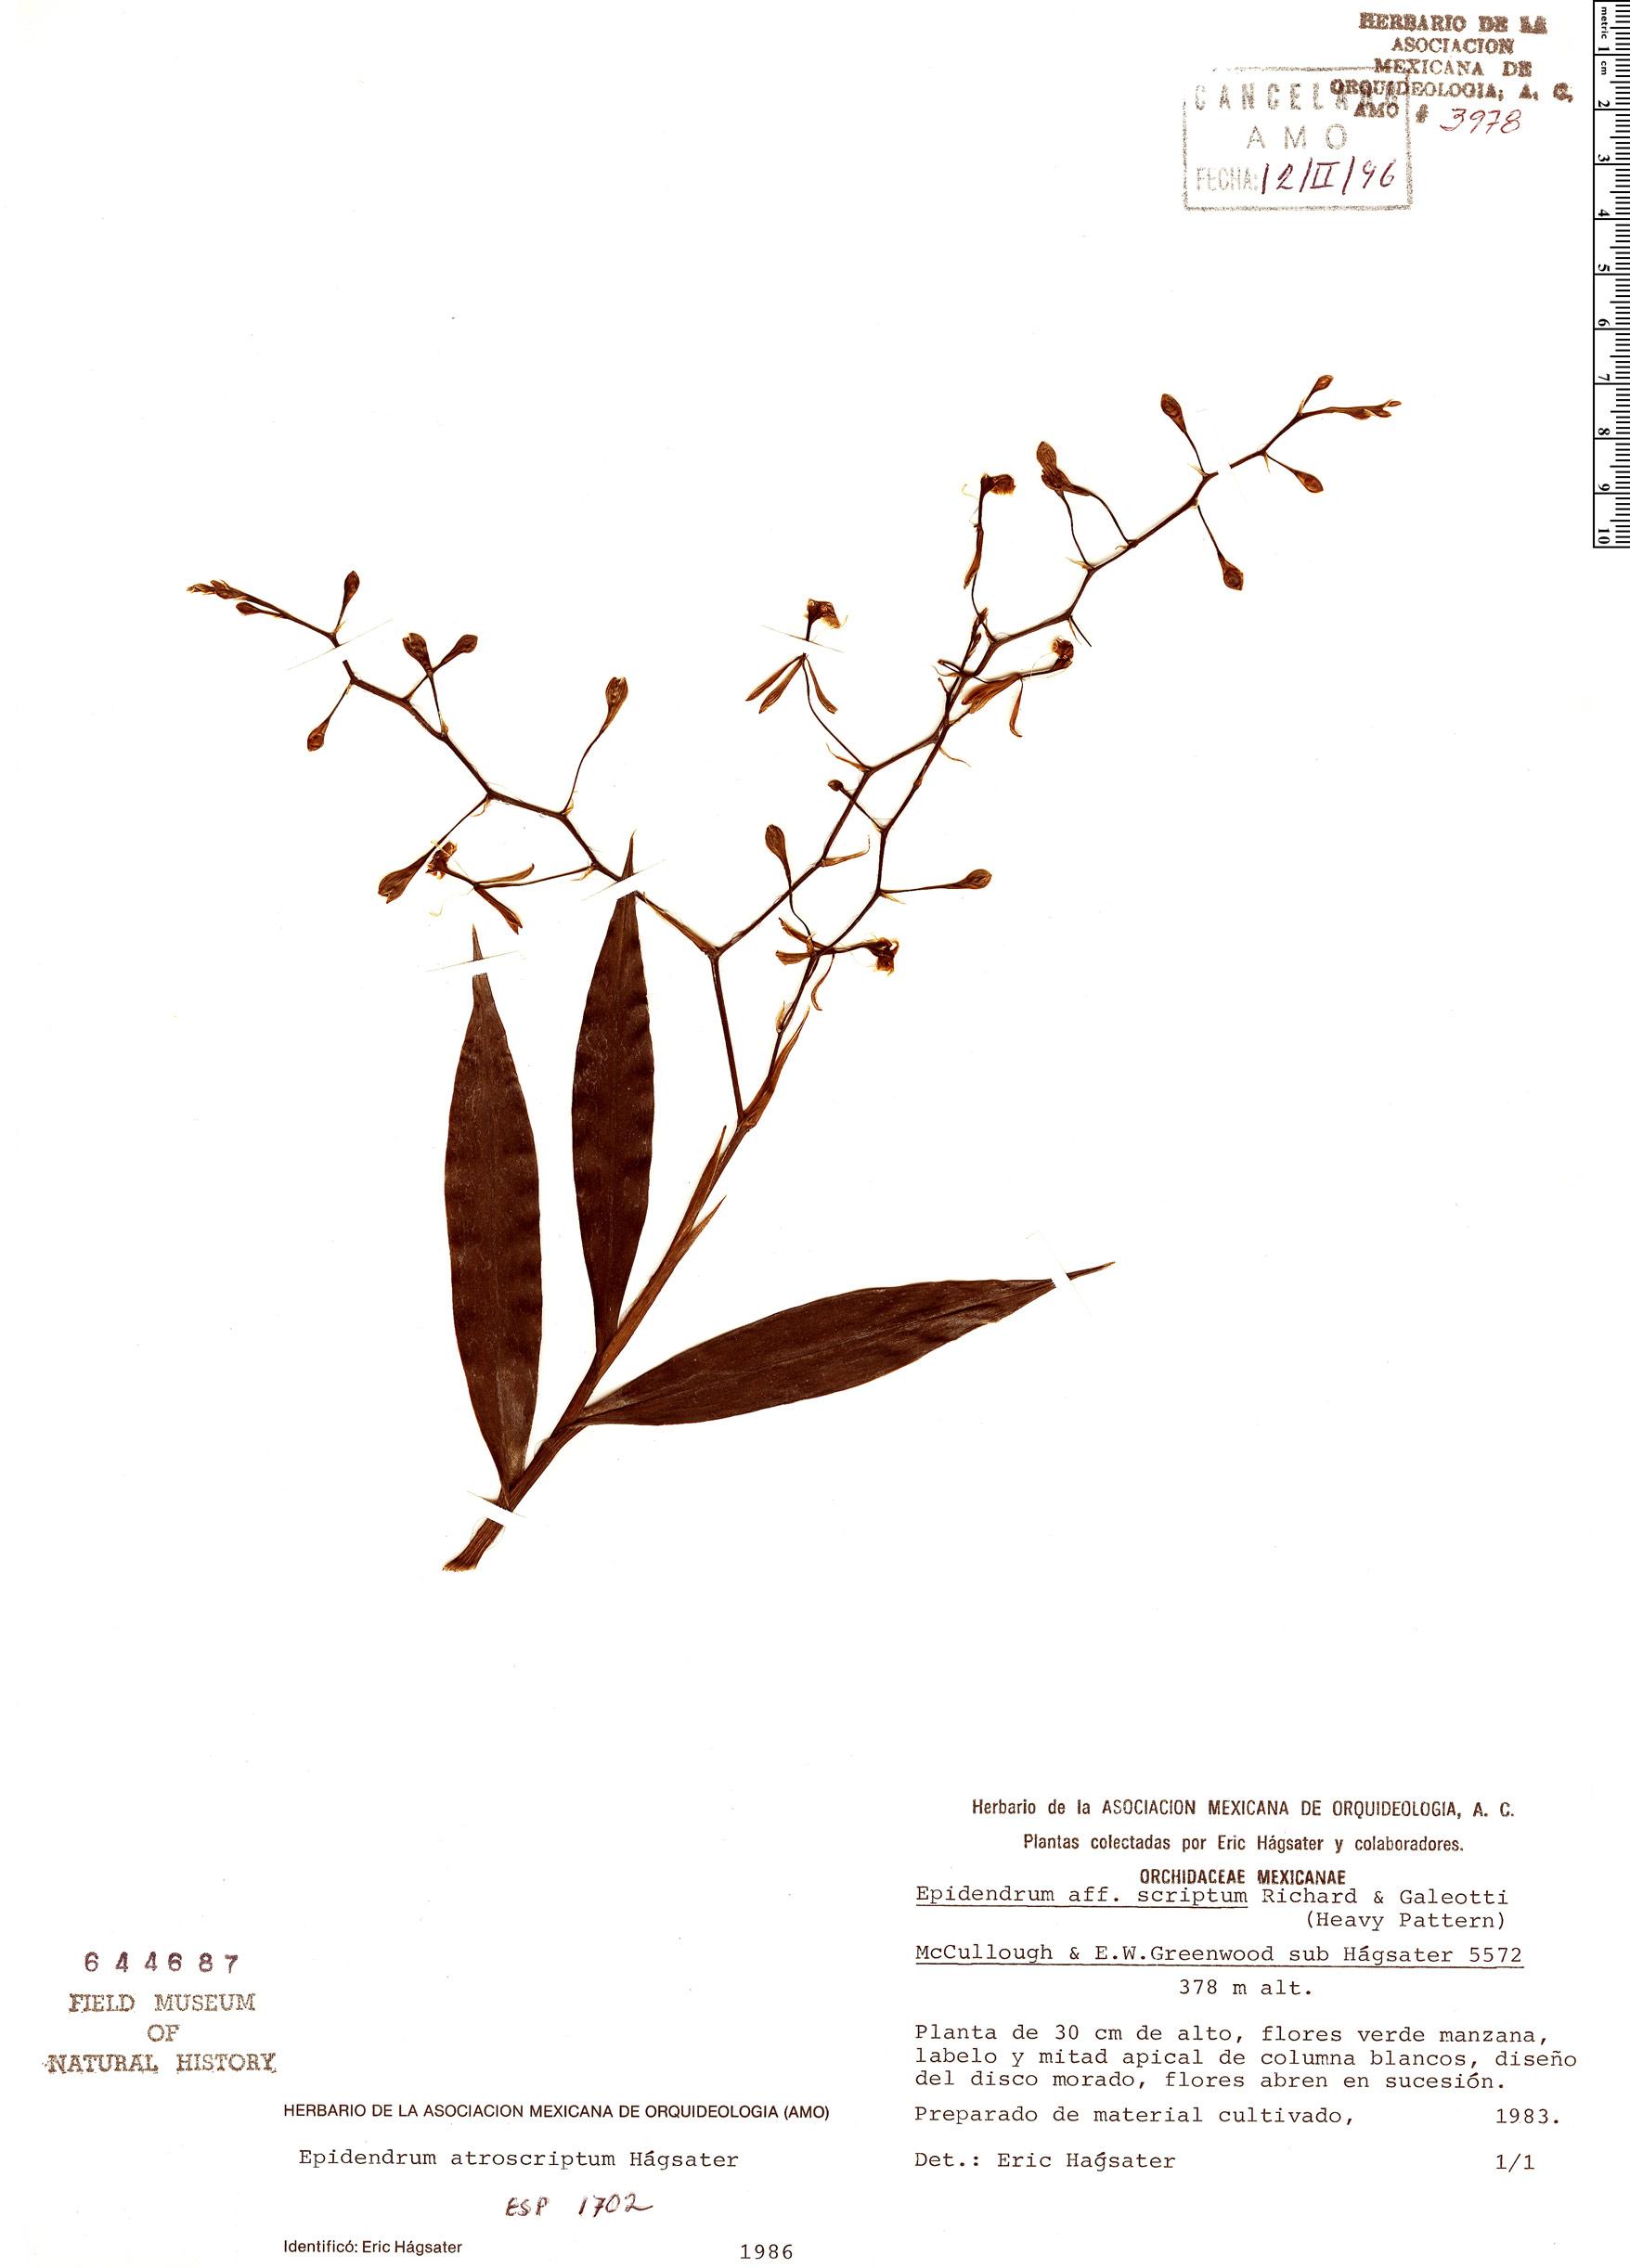 Specimen: Epidendrum atroscriptum